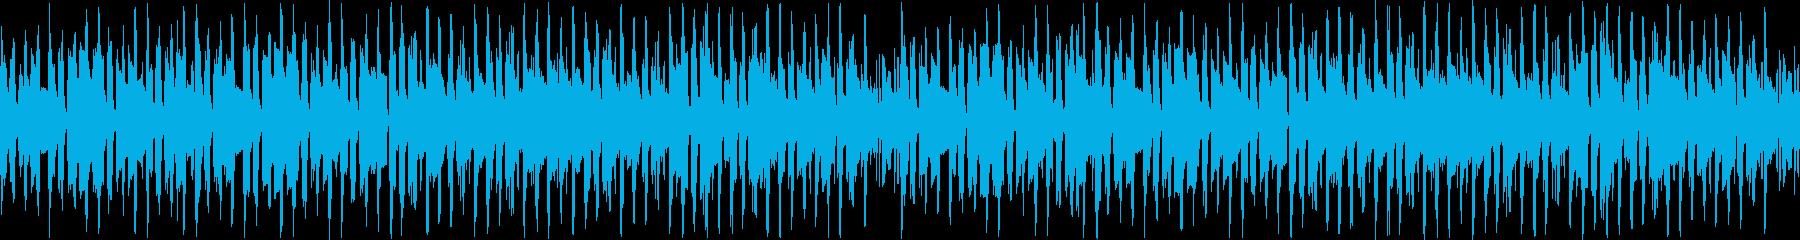 【YouTube】シンプルな日常曲の再生済みの波形